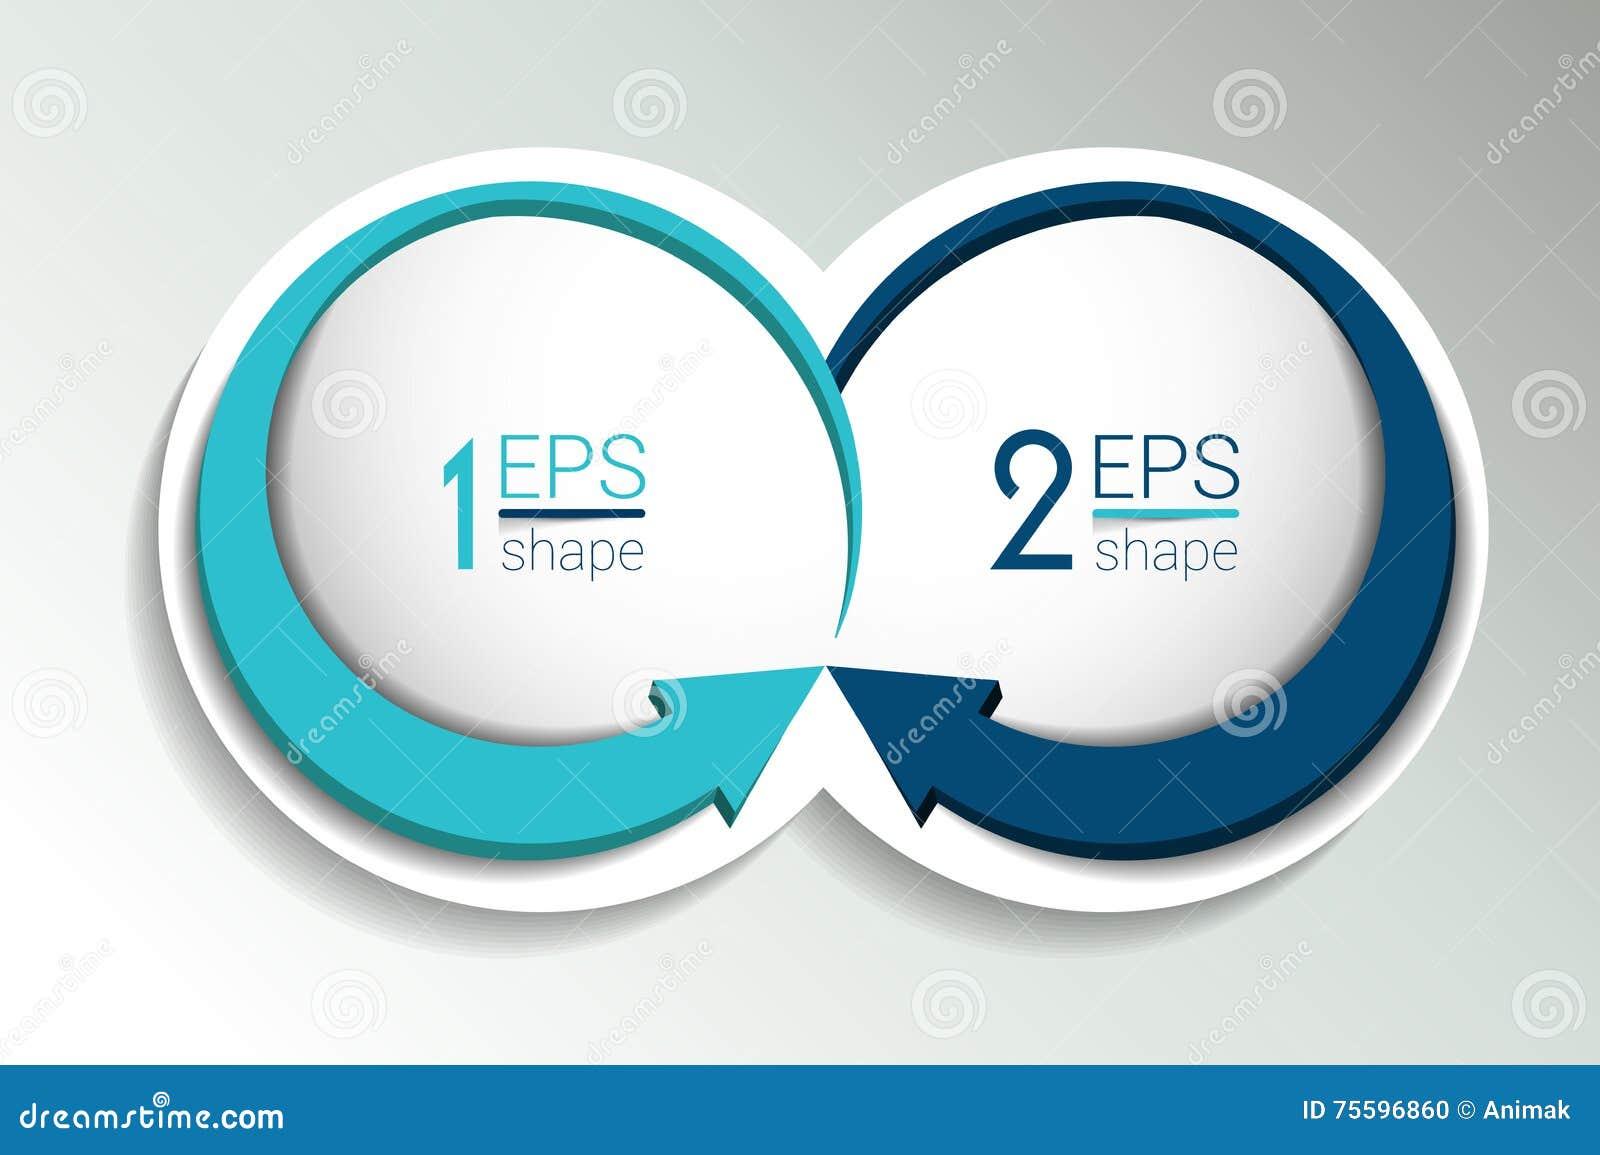 Baner för två affärsbeståndsdelar, mall 2 moment planlägger, kartlägger, infographic steg-för-steg nummeralternativ, orientering